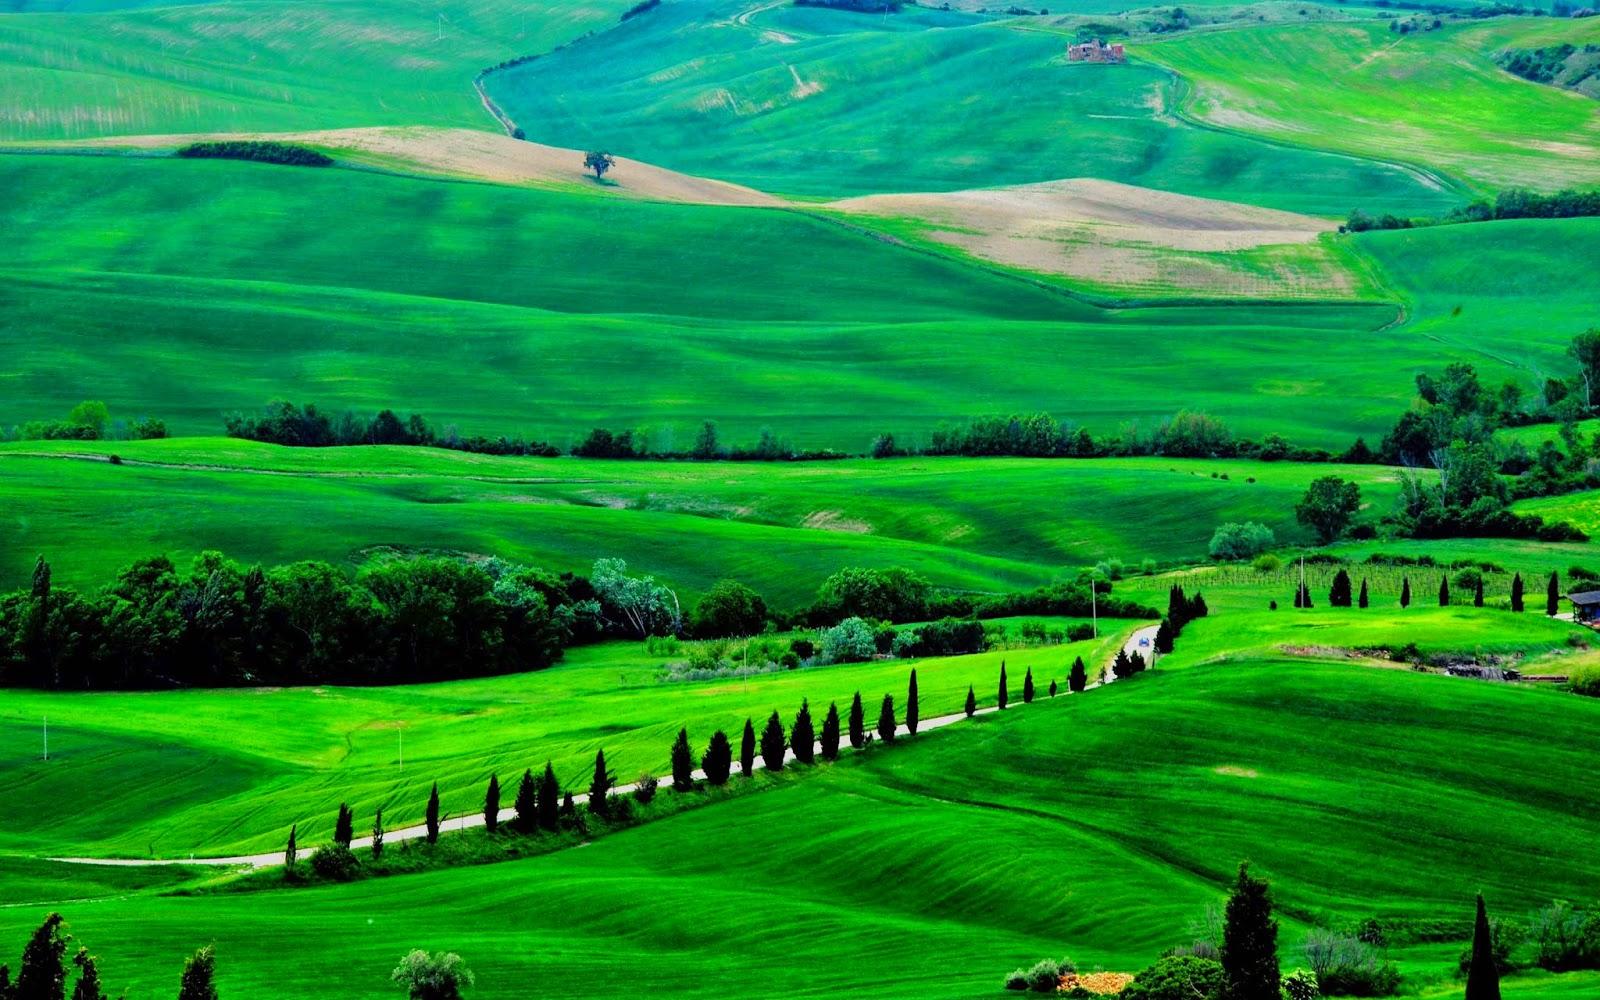 Fresh Green Lanscape Nature Wallpaper